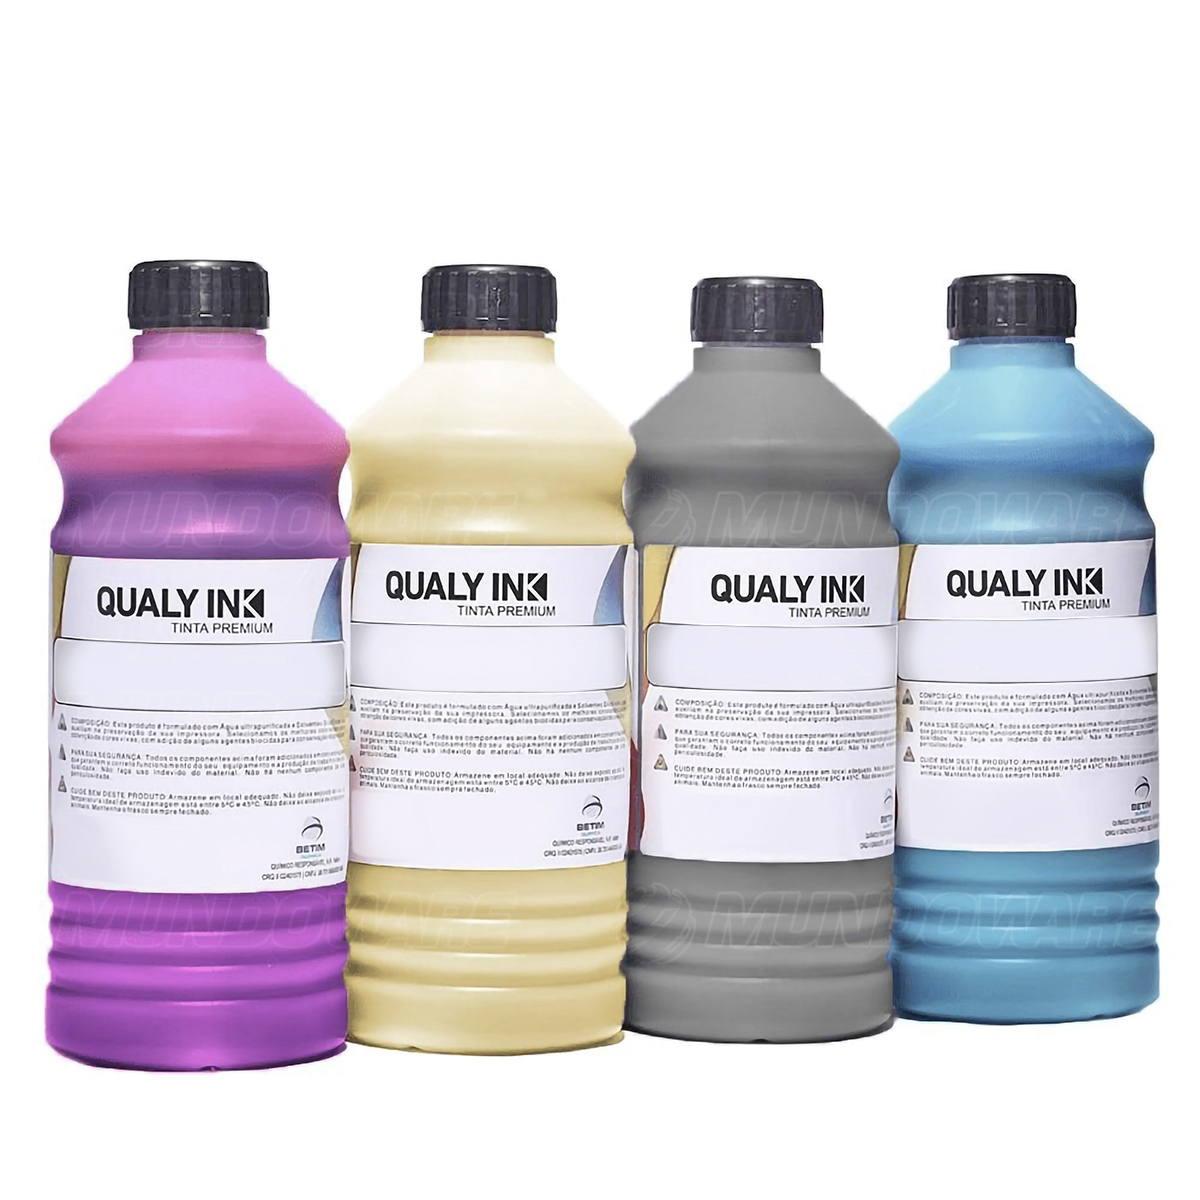 Compatível: Kit 4 Cores Tinta Corante Qualy-Ink Série 504 / 544 para Epson L3110 L3150 L4160 L6161 CMYK 4 de 1L